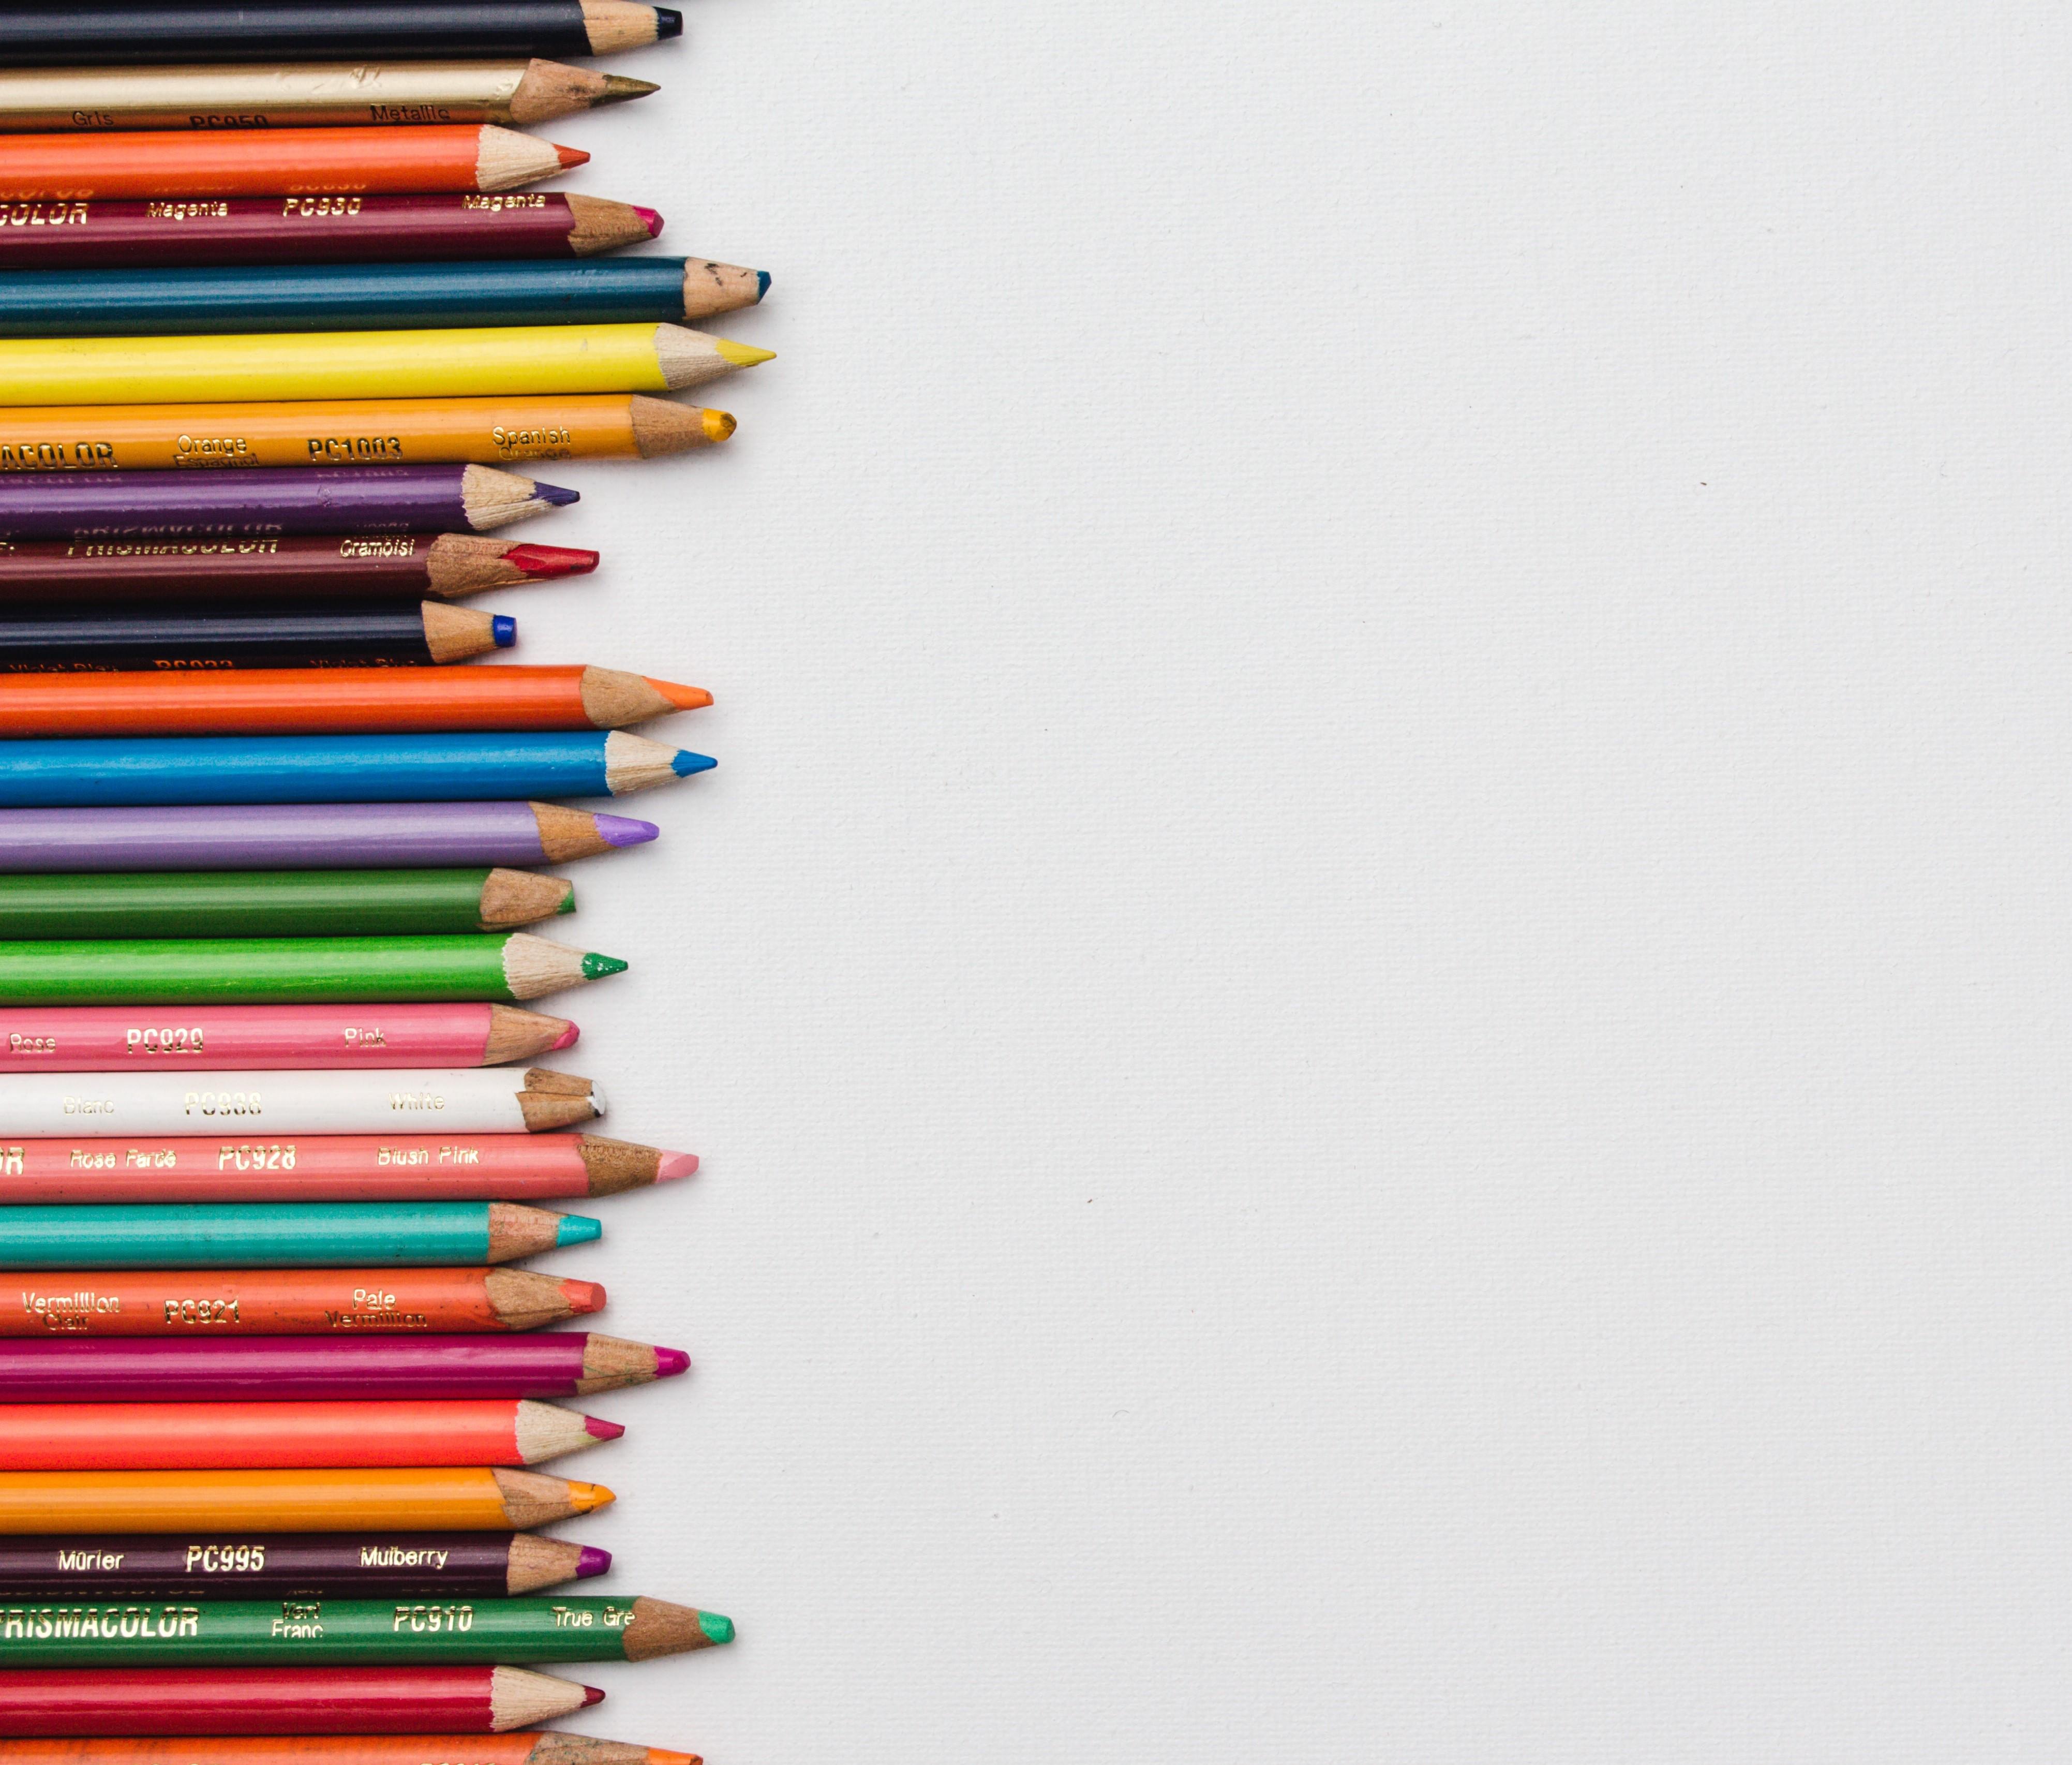 El Informe PISA Revela Las Diferencias Entre Comunidades Autónomas En Materia De Educación